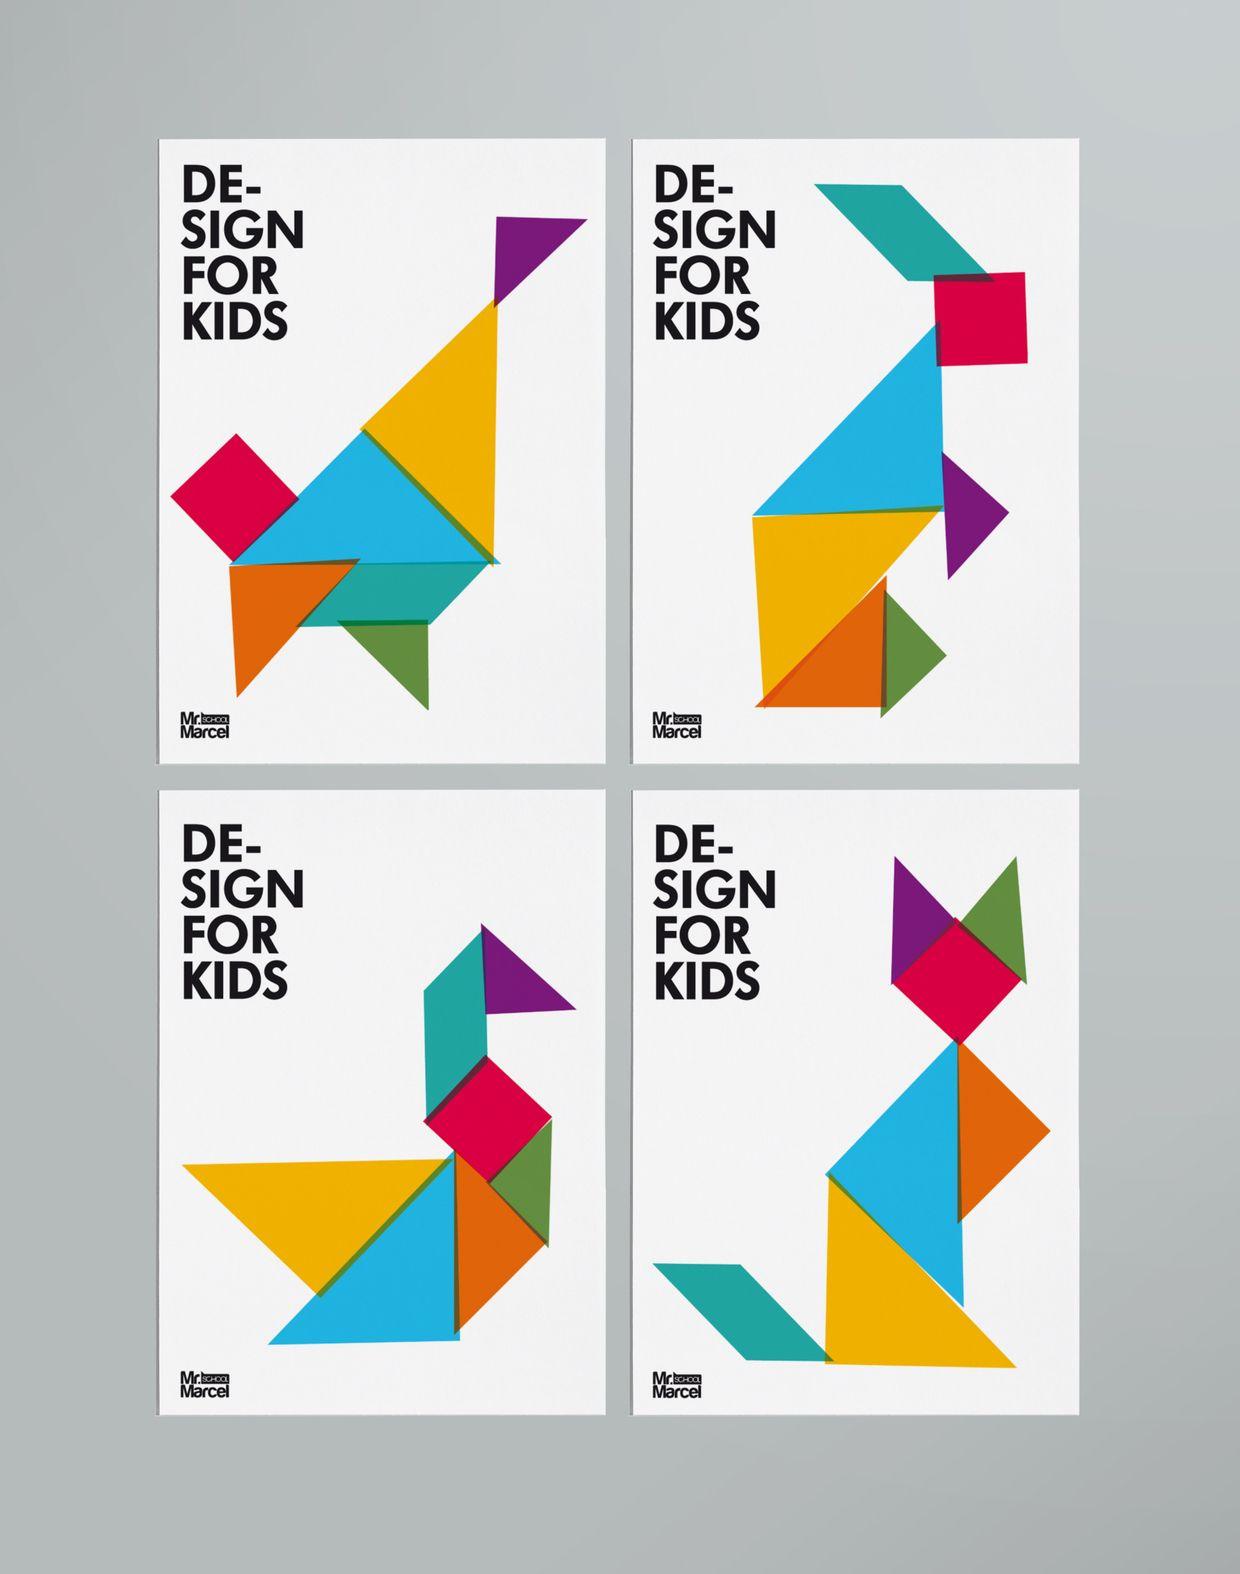 Design For Kids | Graphisme, Logo Enfant, Graphic à Tangram Enfant